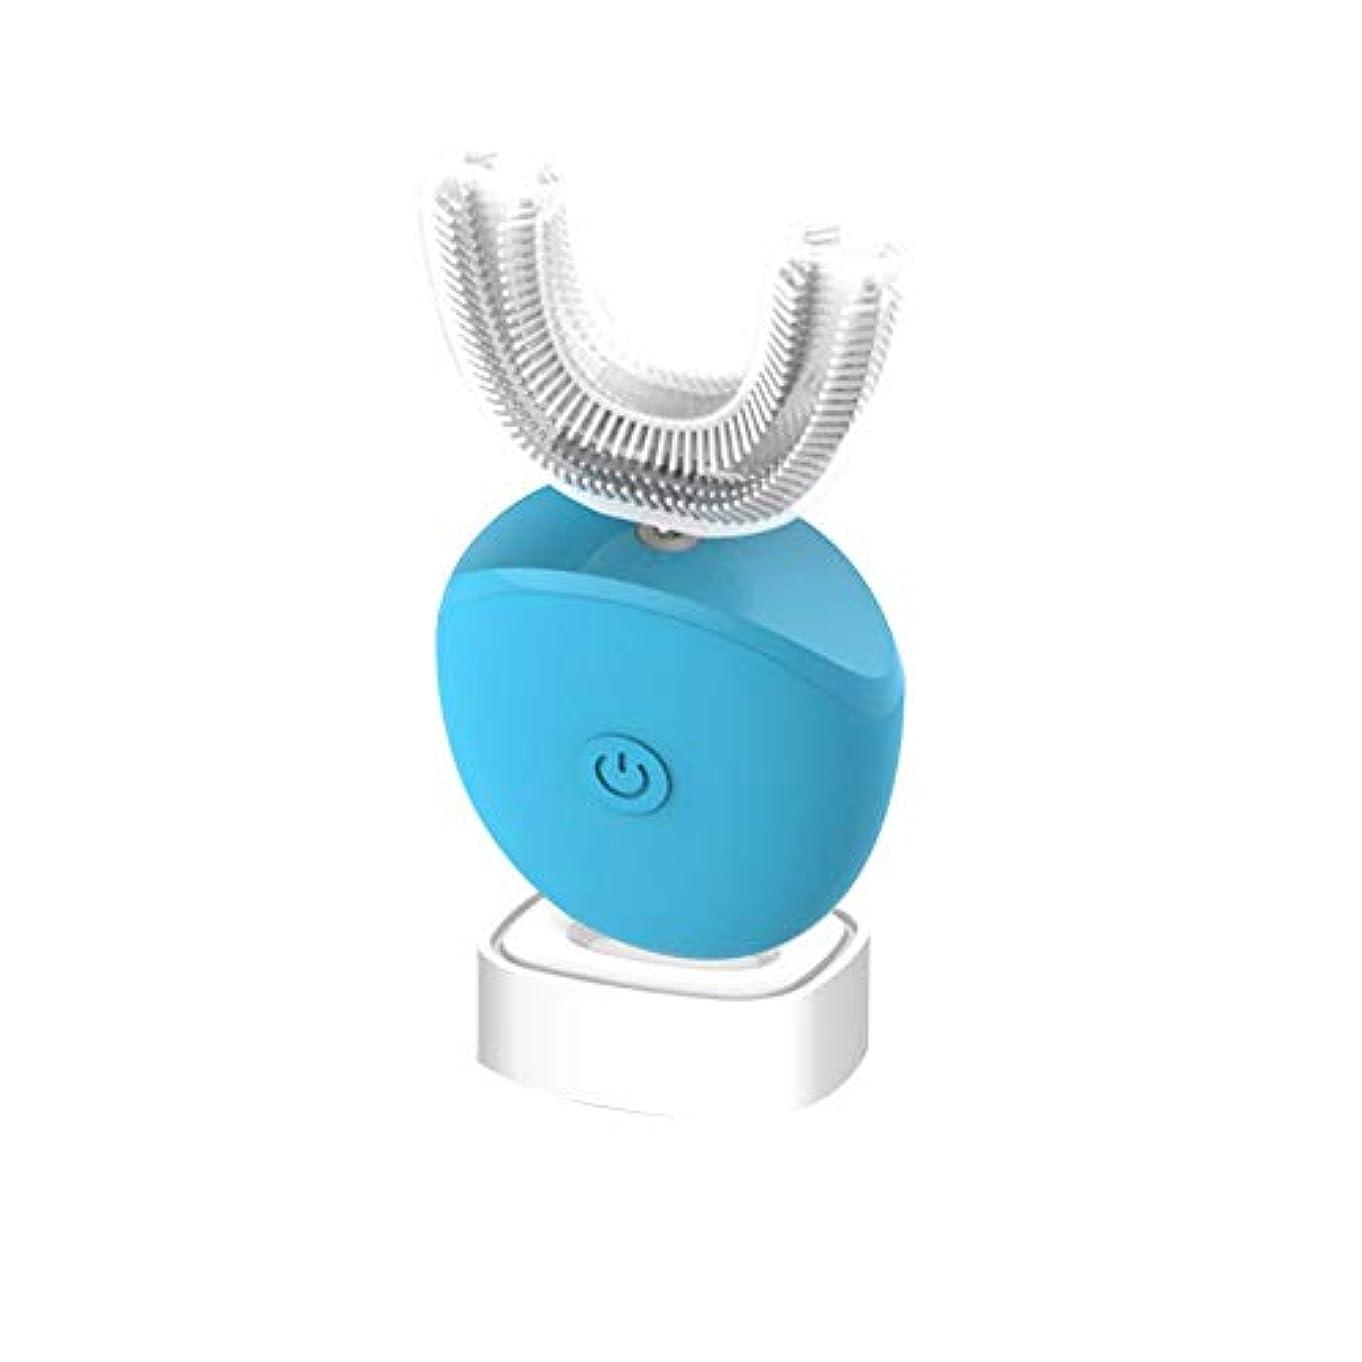 気分が良い急いで思春期フルオートマチック可変周波数電動歯ブラシ、自動360度U字型電動歯ブラシ、ワイヤレス充電IPX7防水自動歯ブラシ(大人用),Blue